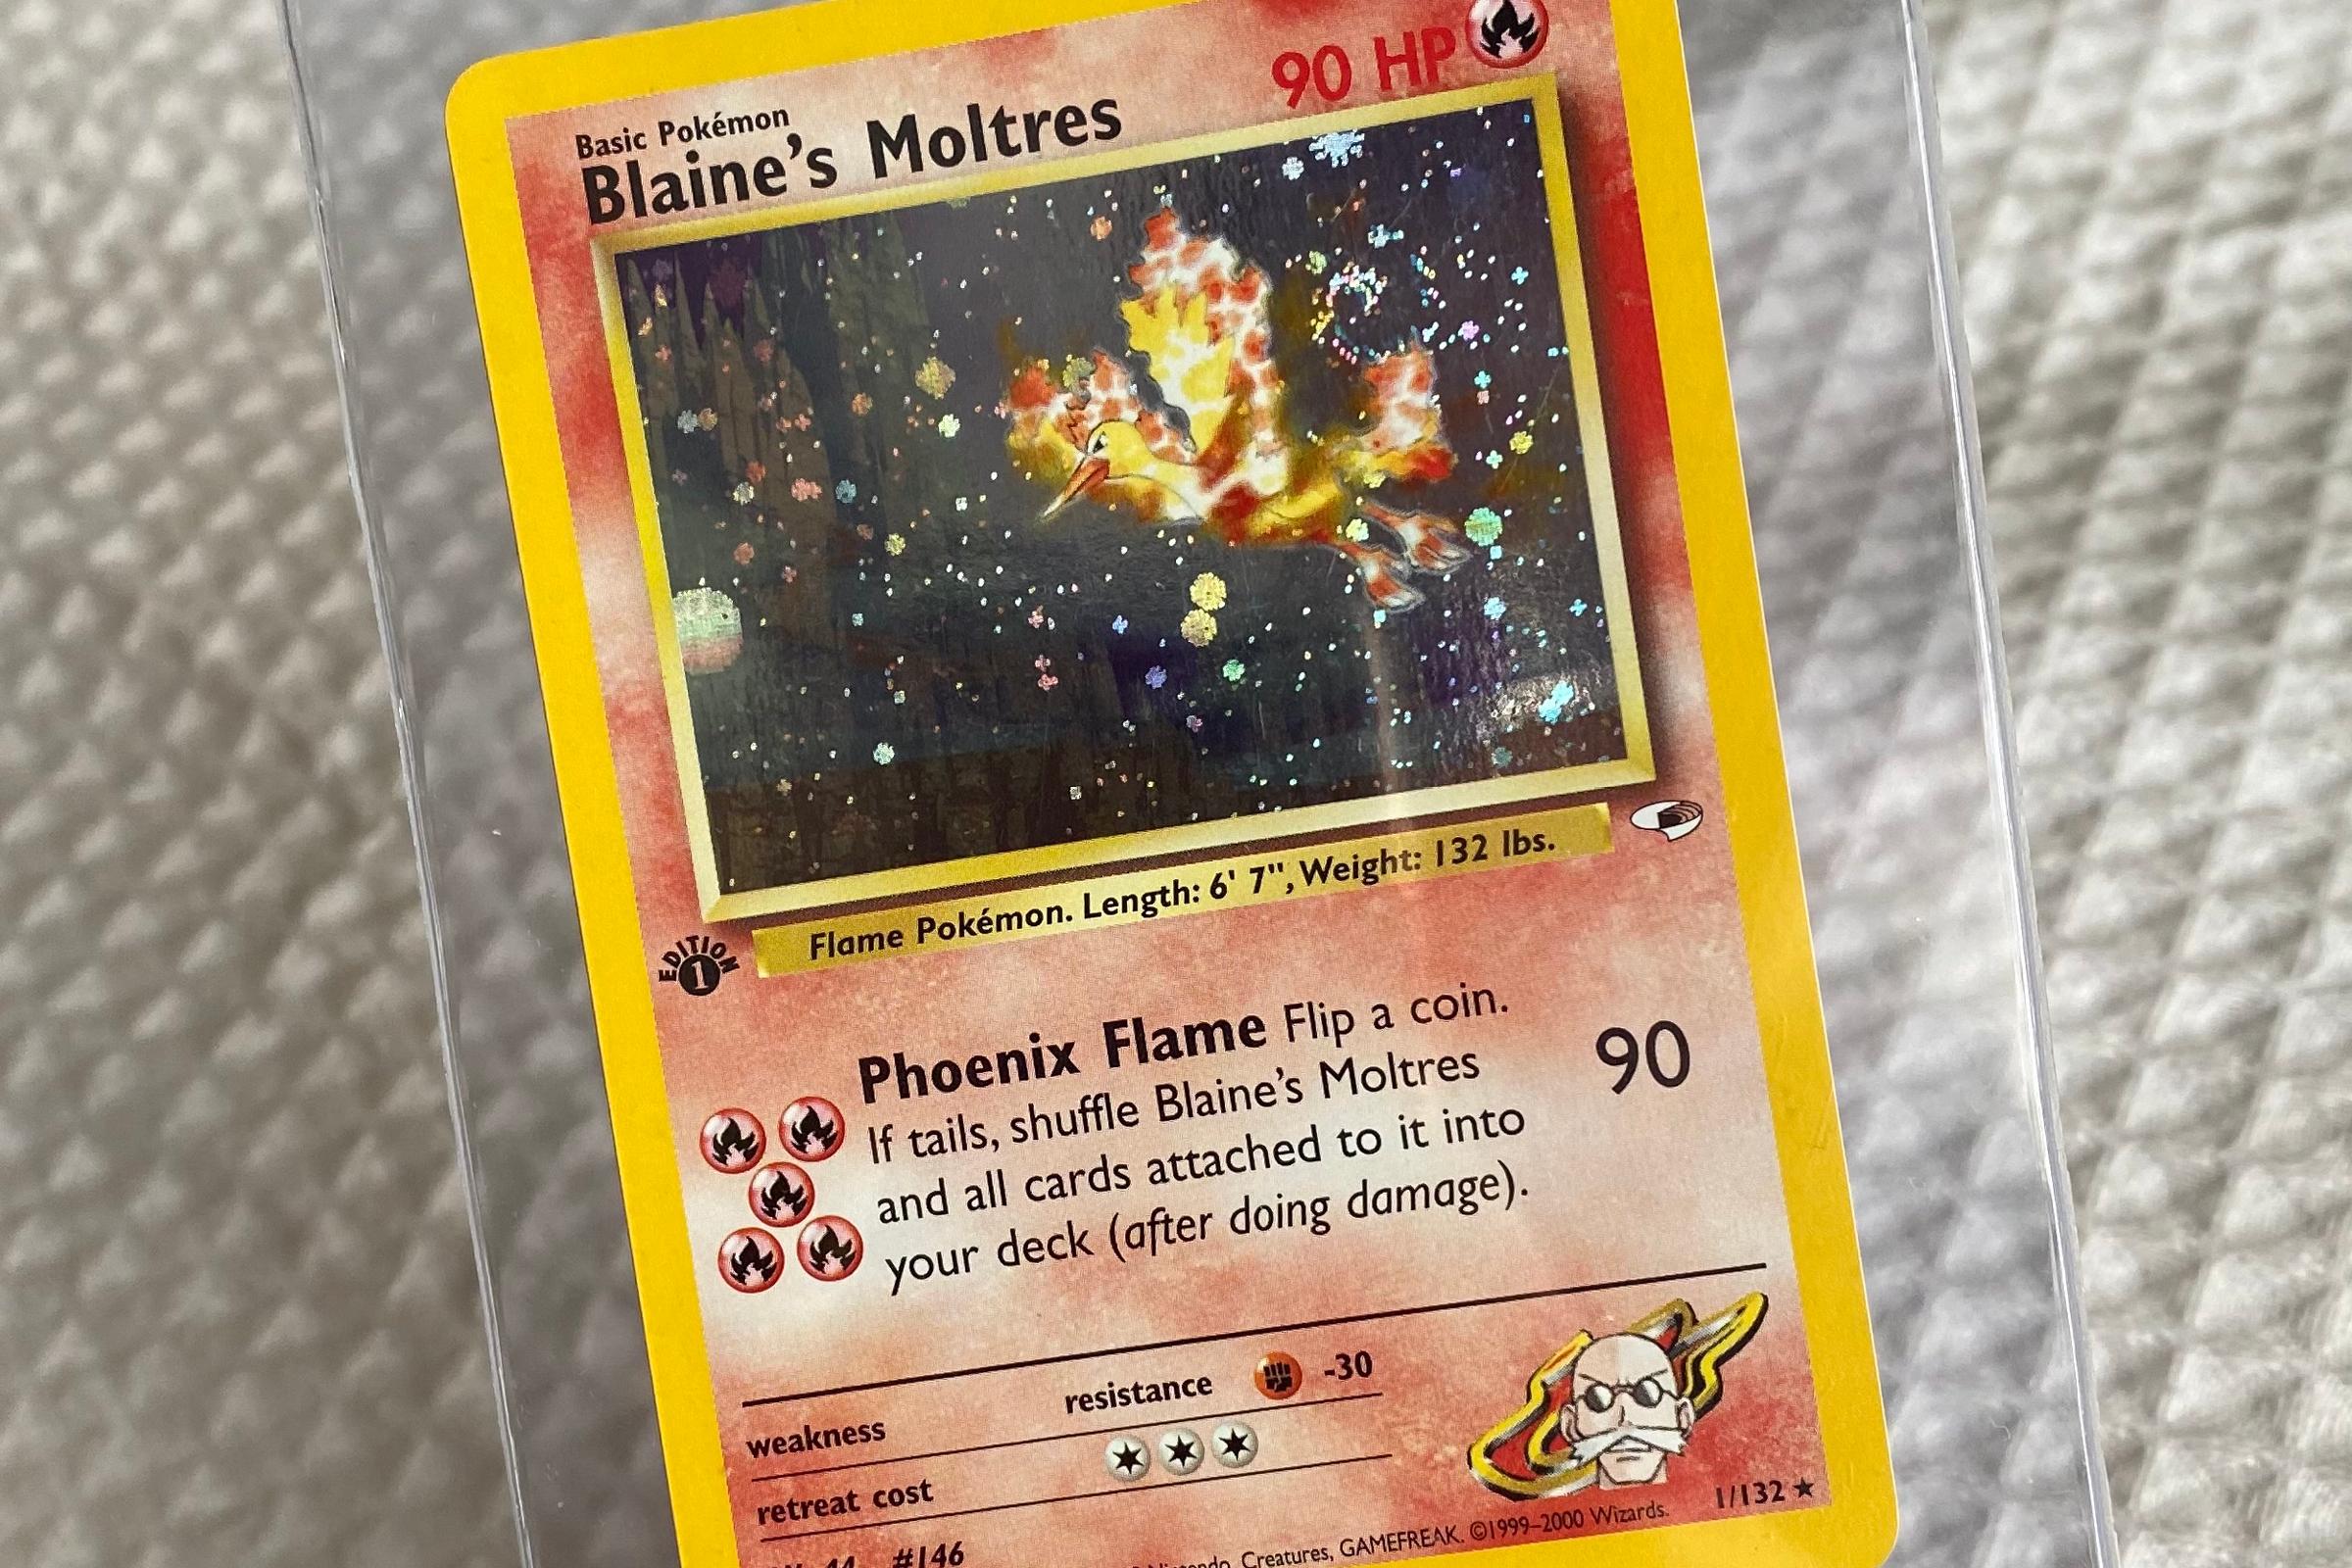 Pokémon Blaine's Moltres